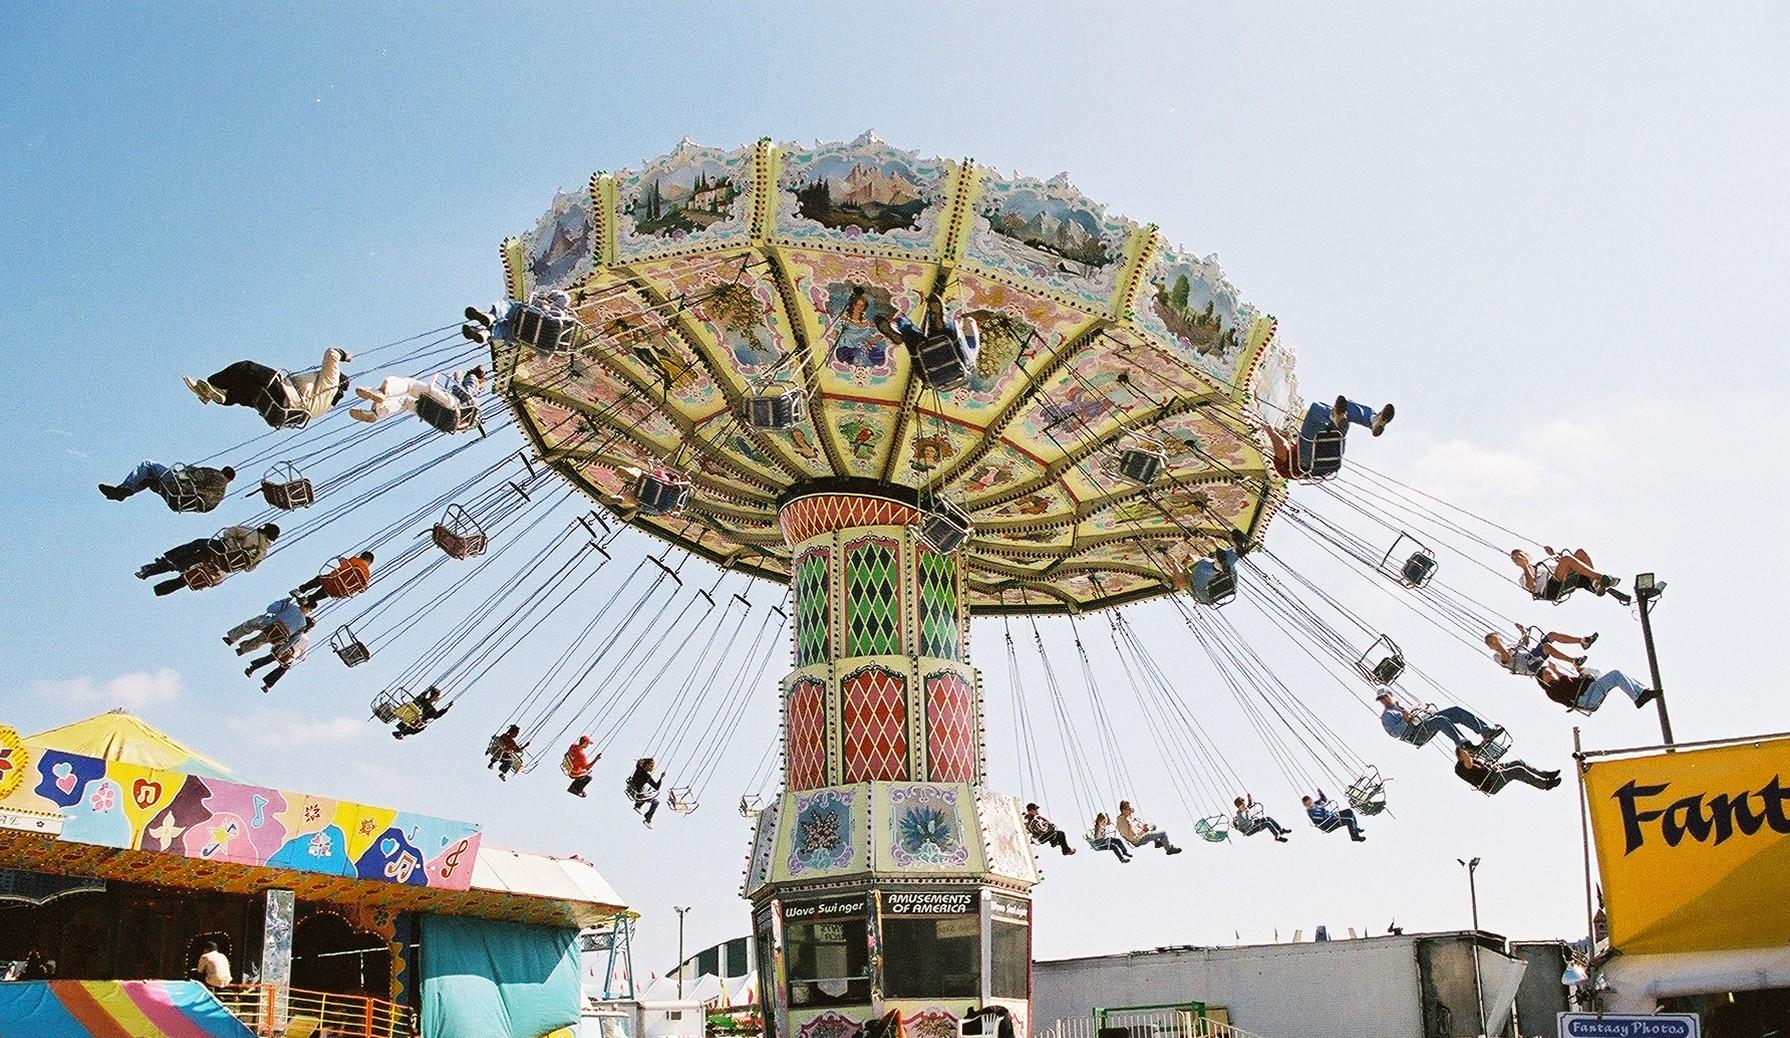 RIDE-Swingin-at-the-Fair.jpg